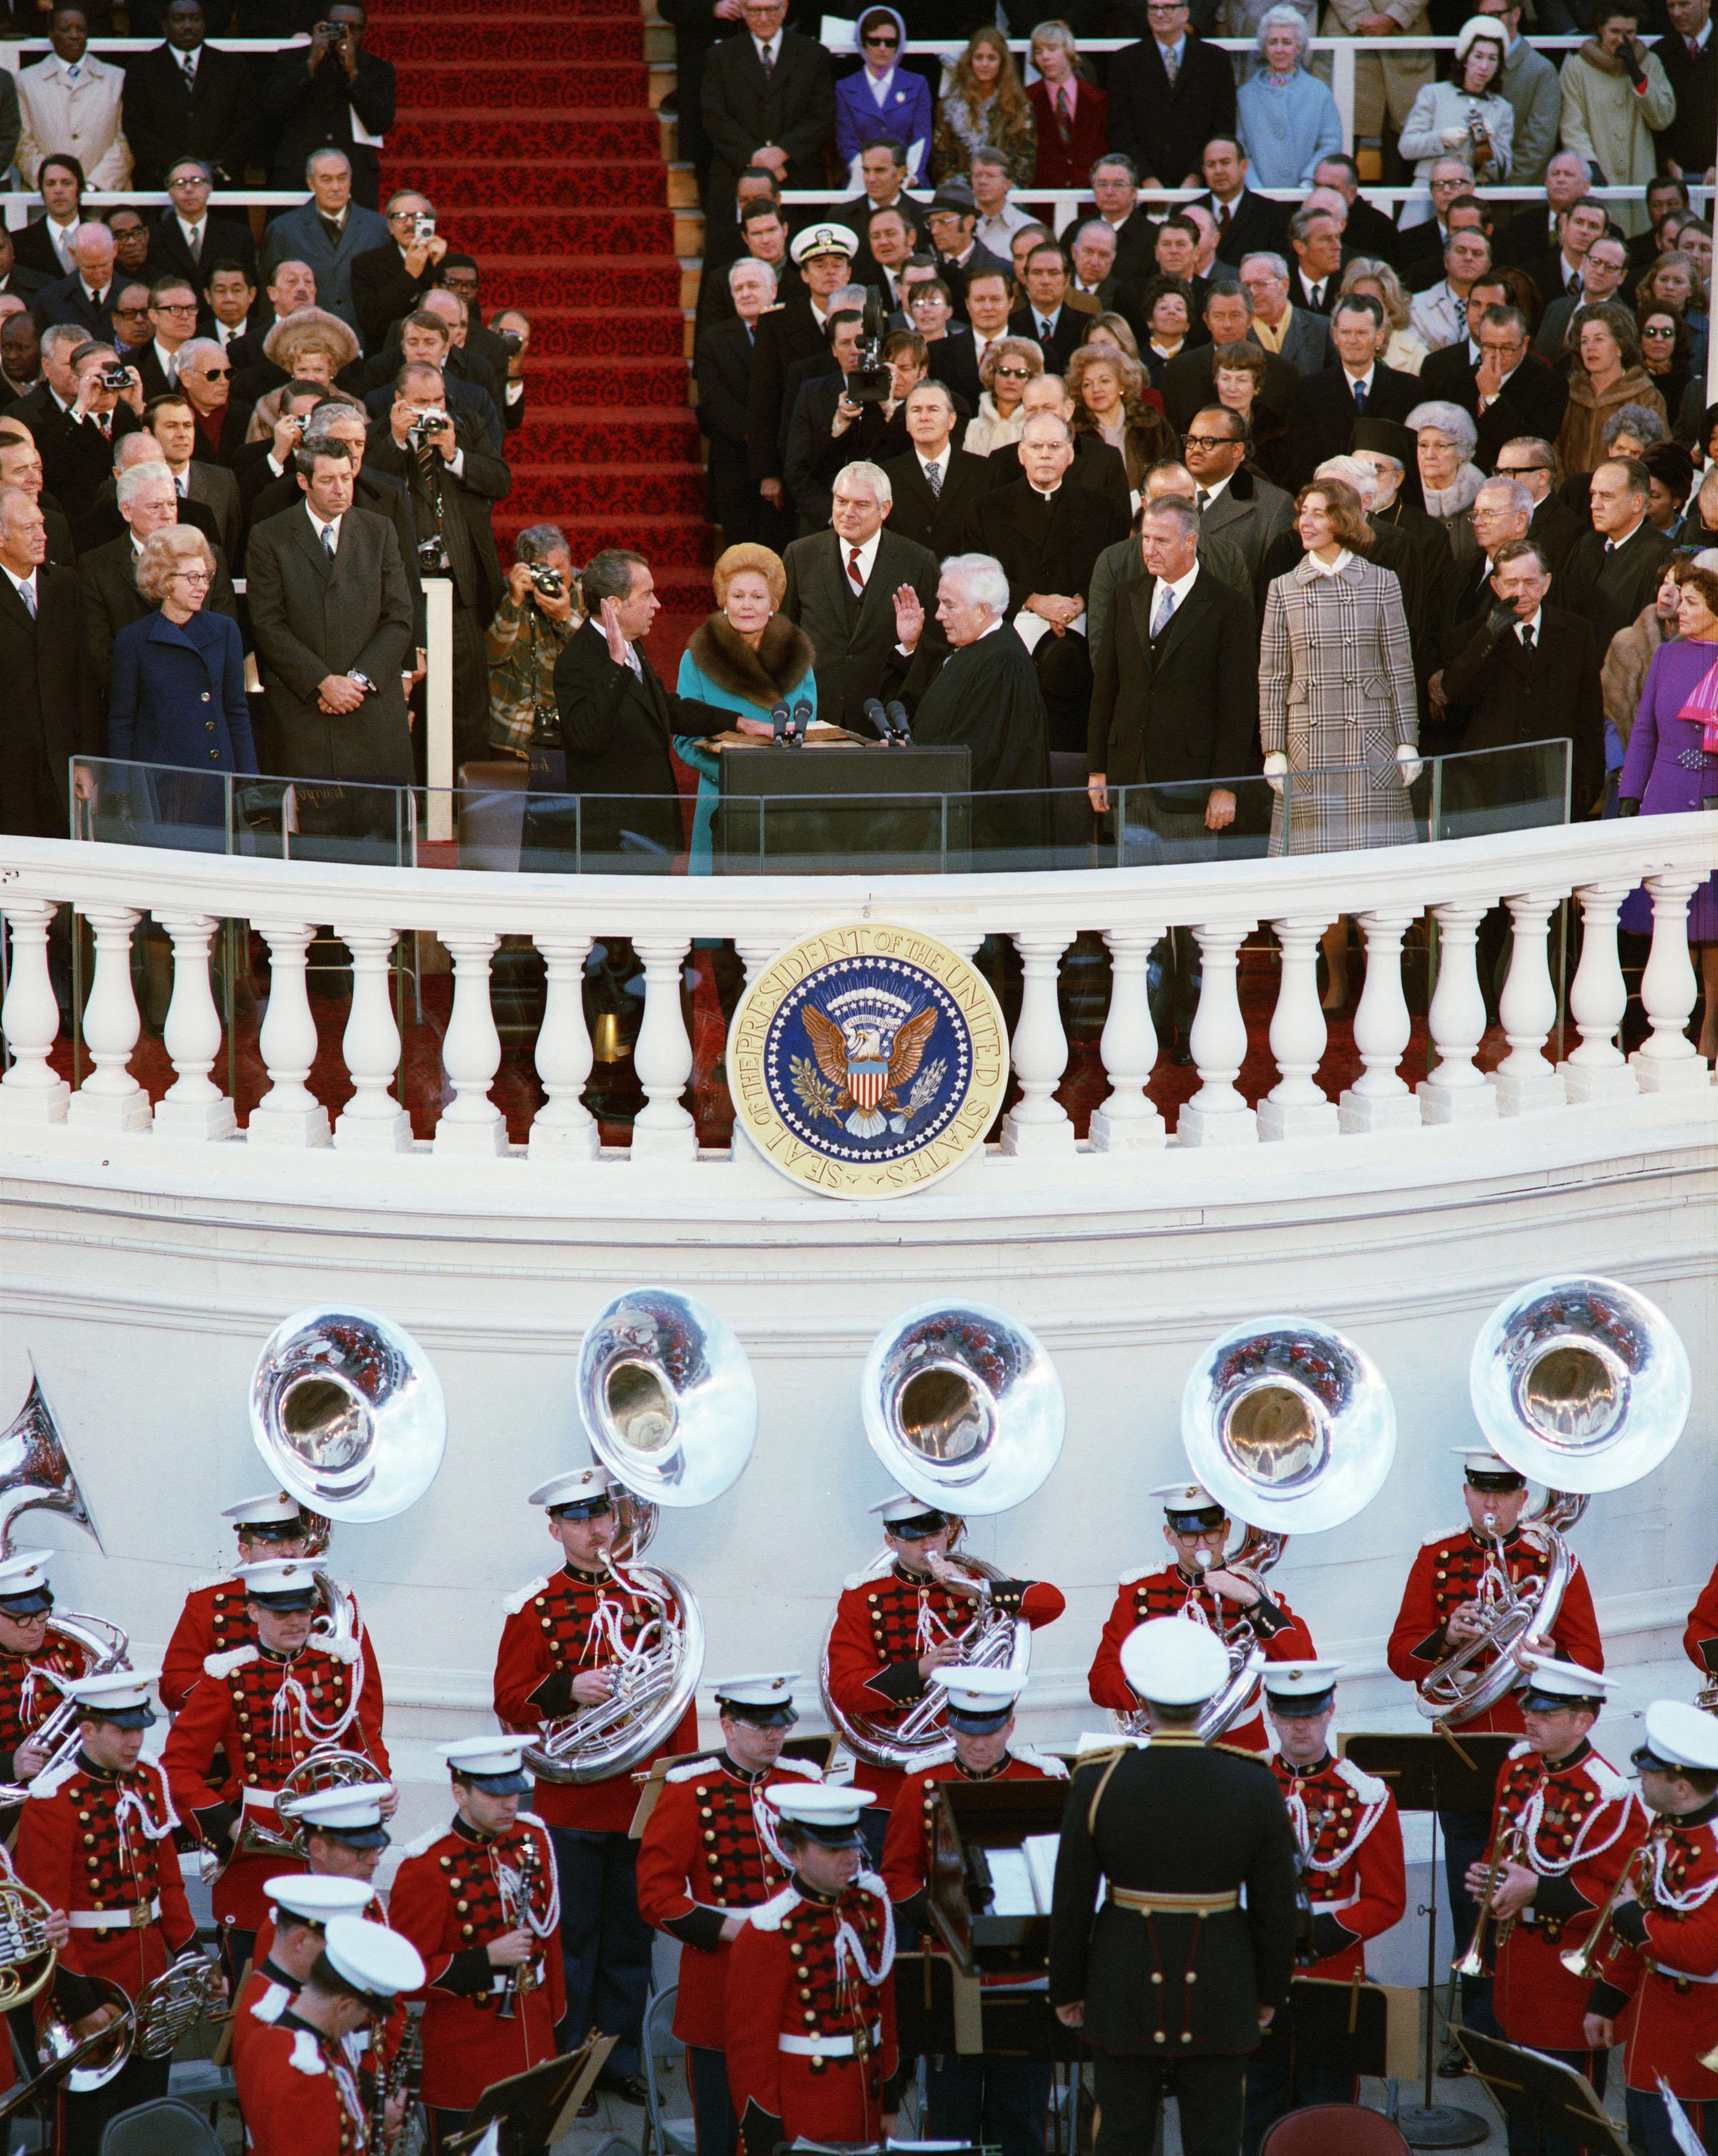 Richard Nixon tomá el juramento de Oficina durante su segunda inauguración como presidente, 01/20/1973.  (Identificador de los Archivos Nacionales: 7268203)